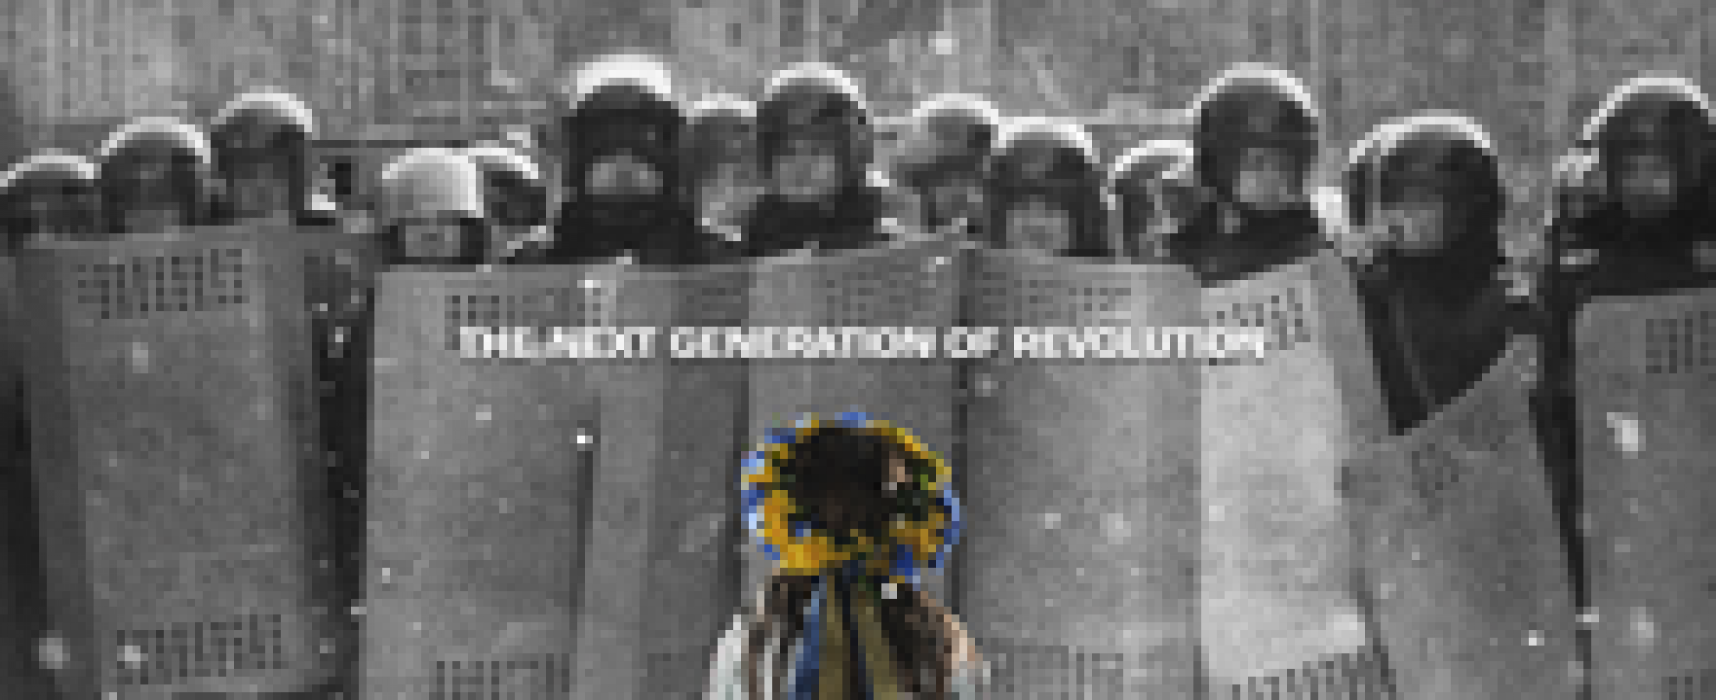 Filmová vzpomínka na Majdan k jeho čtvrtému výročí